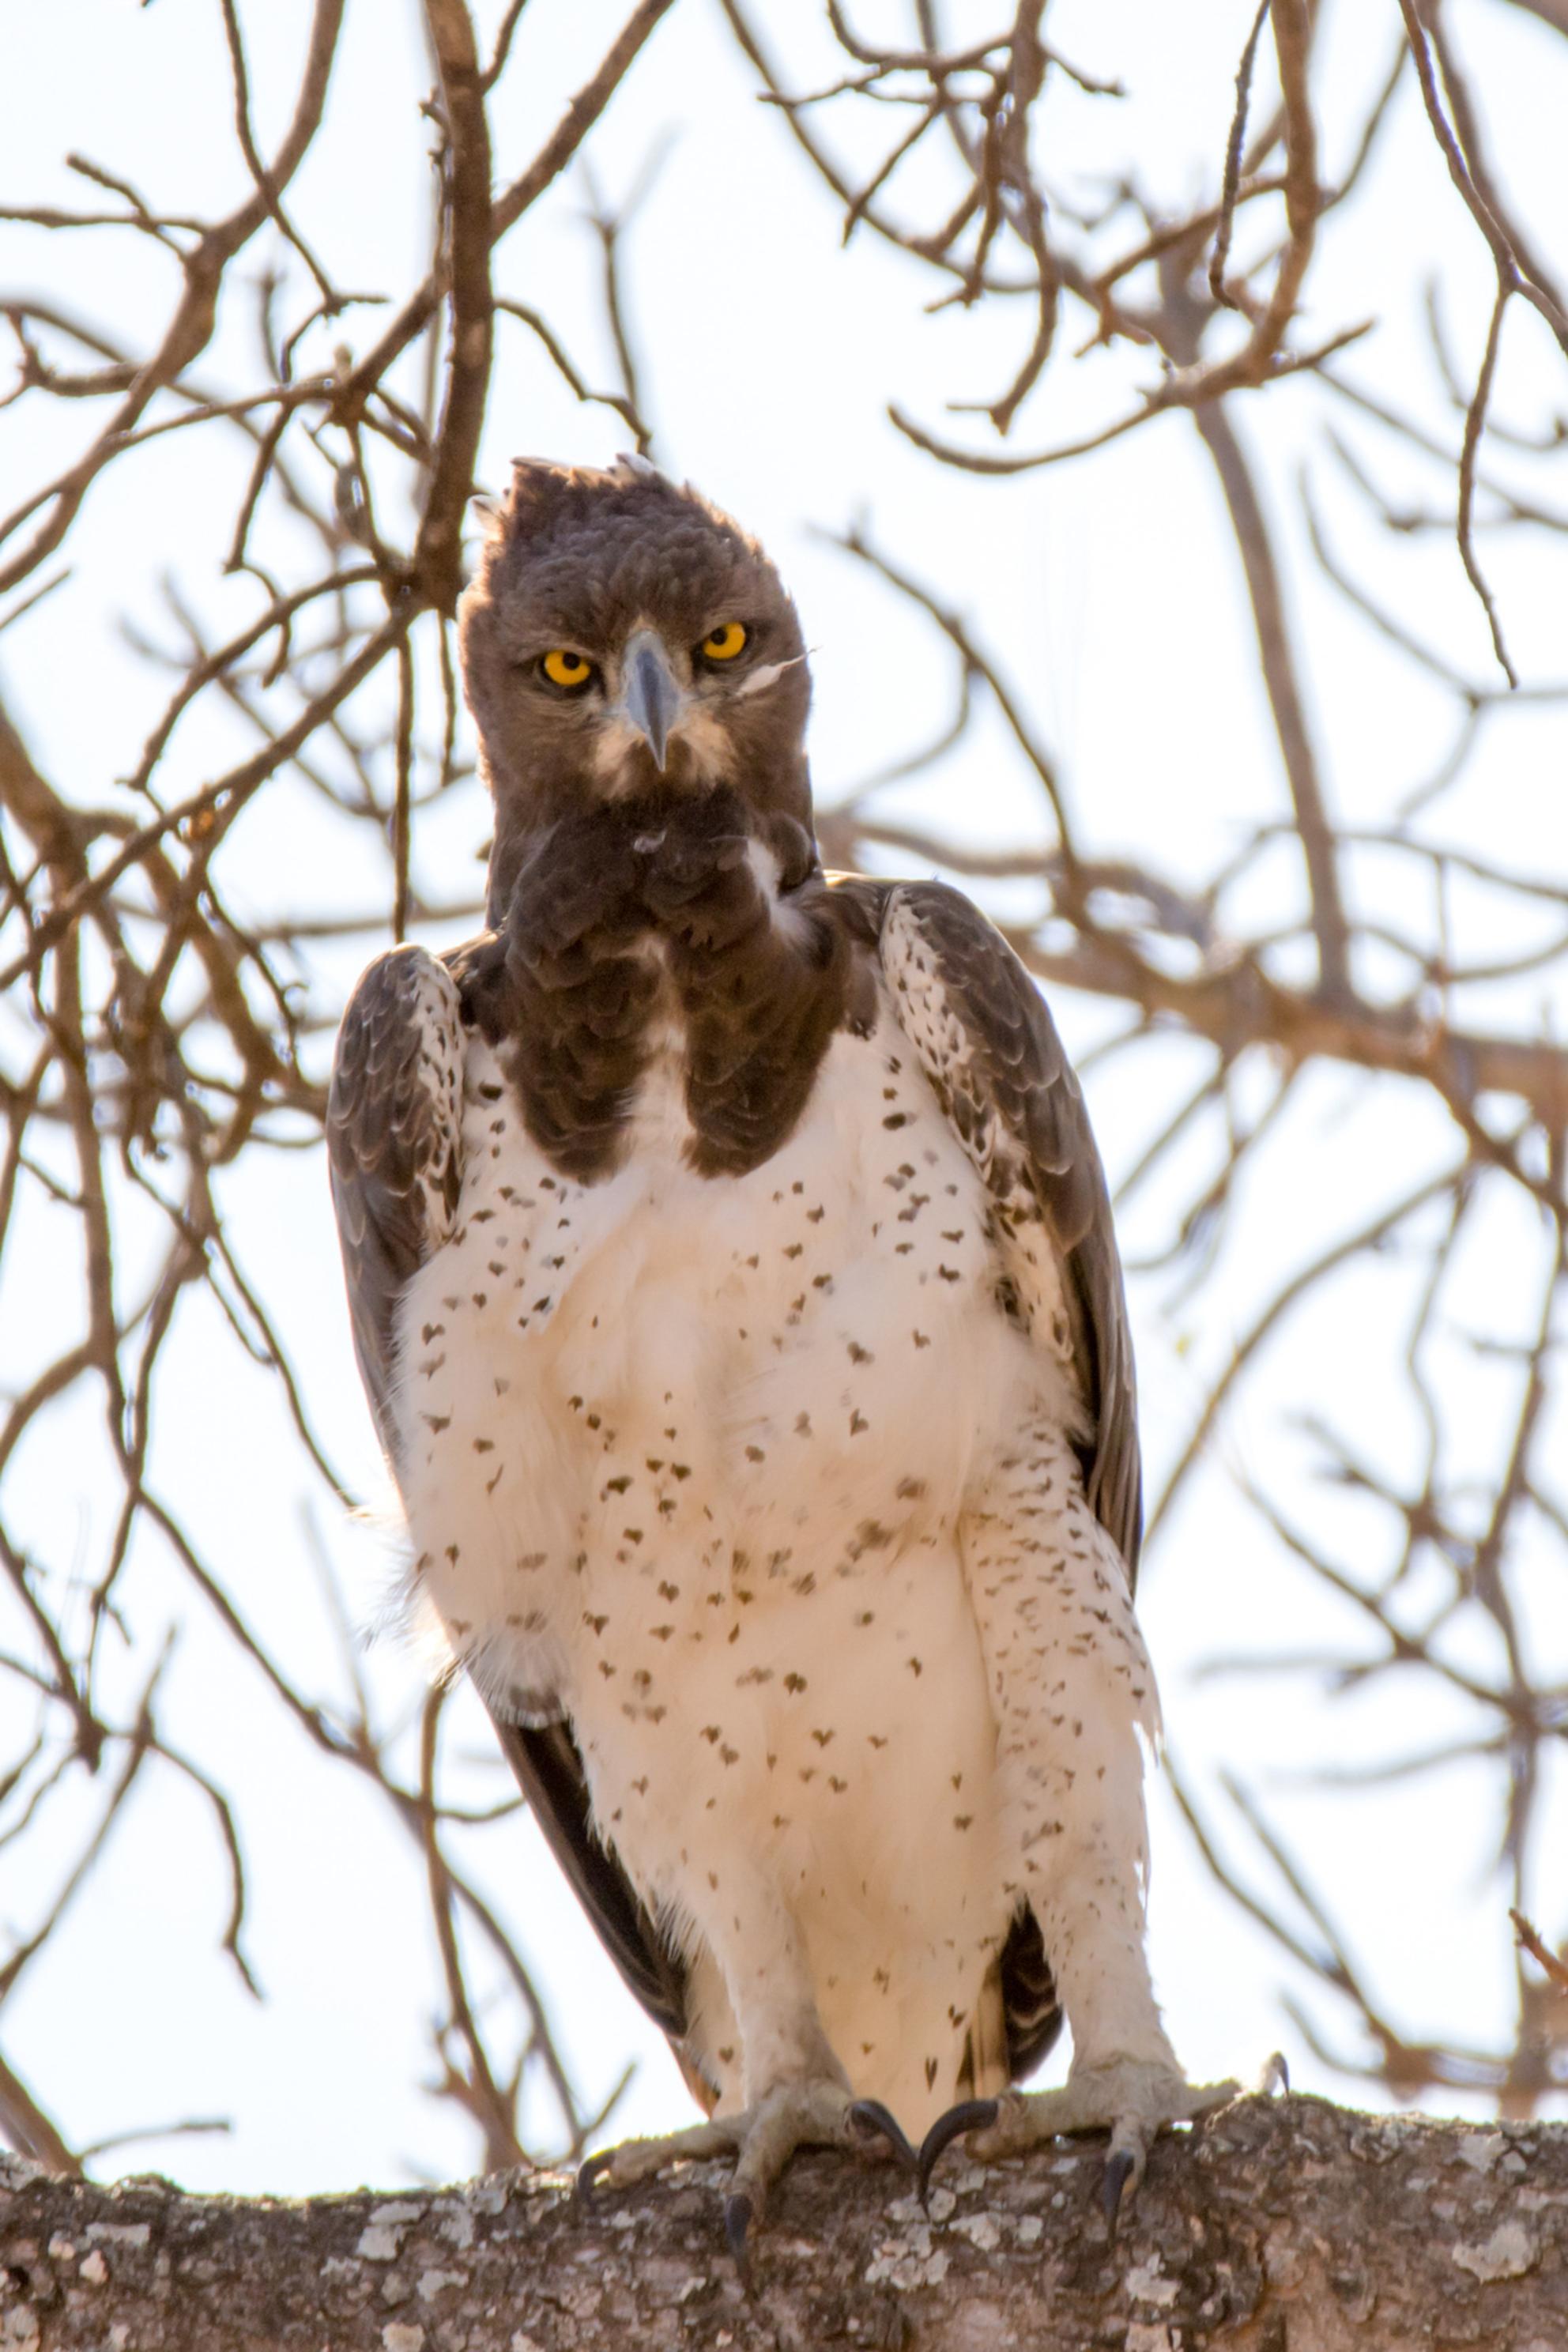 The stare - Prachtige roofvogel gespot tijdens de safari in Zuid Afrika - foto door markesch op 11-12-2016 - deze foto bevat: natuur, dieren, safari, vogel, nikon, roofvogel, afrika, wildlife, sigma, zuid afrika, 2016, ktuger park - Deze foto mag gebruikt worden in een Zoom.nl publicatie